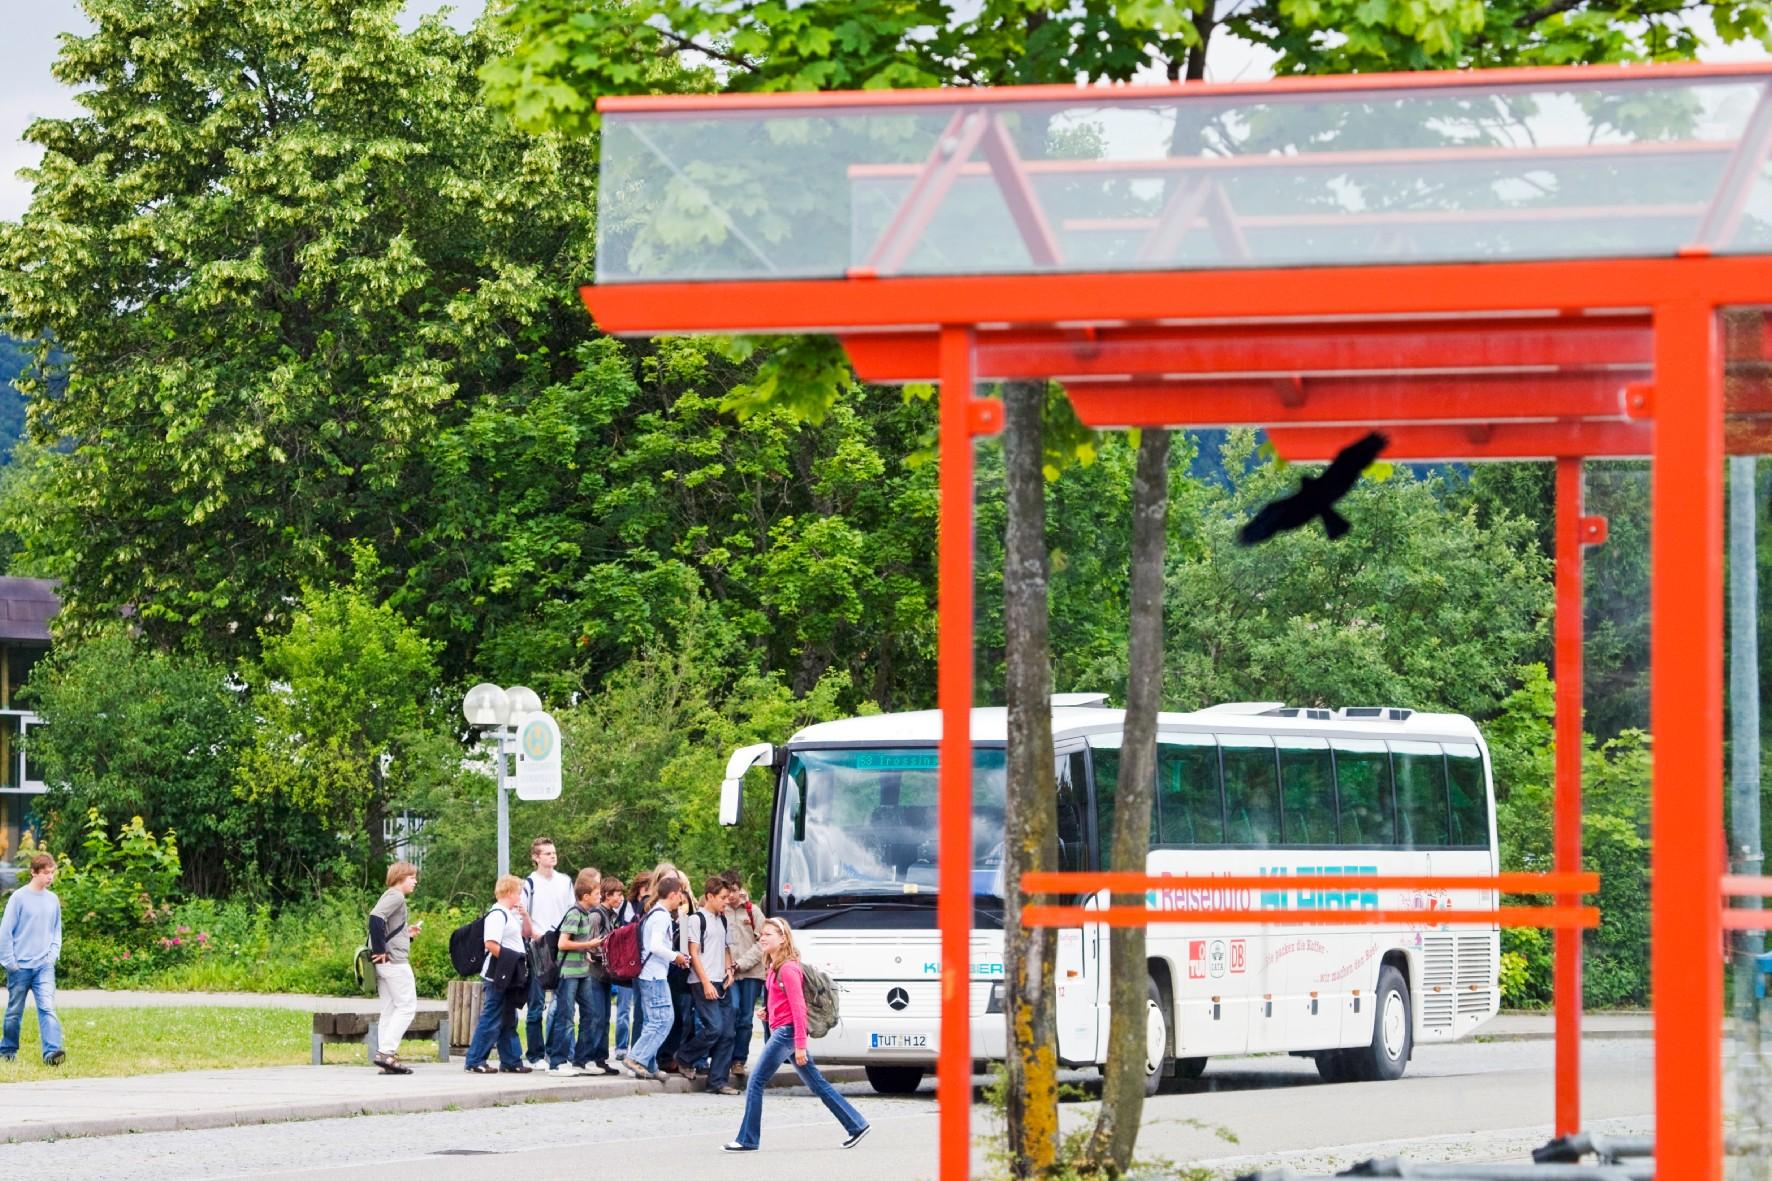 Schüler vor dem Schulbus